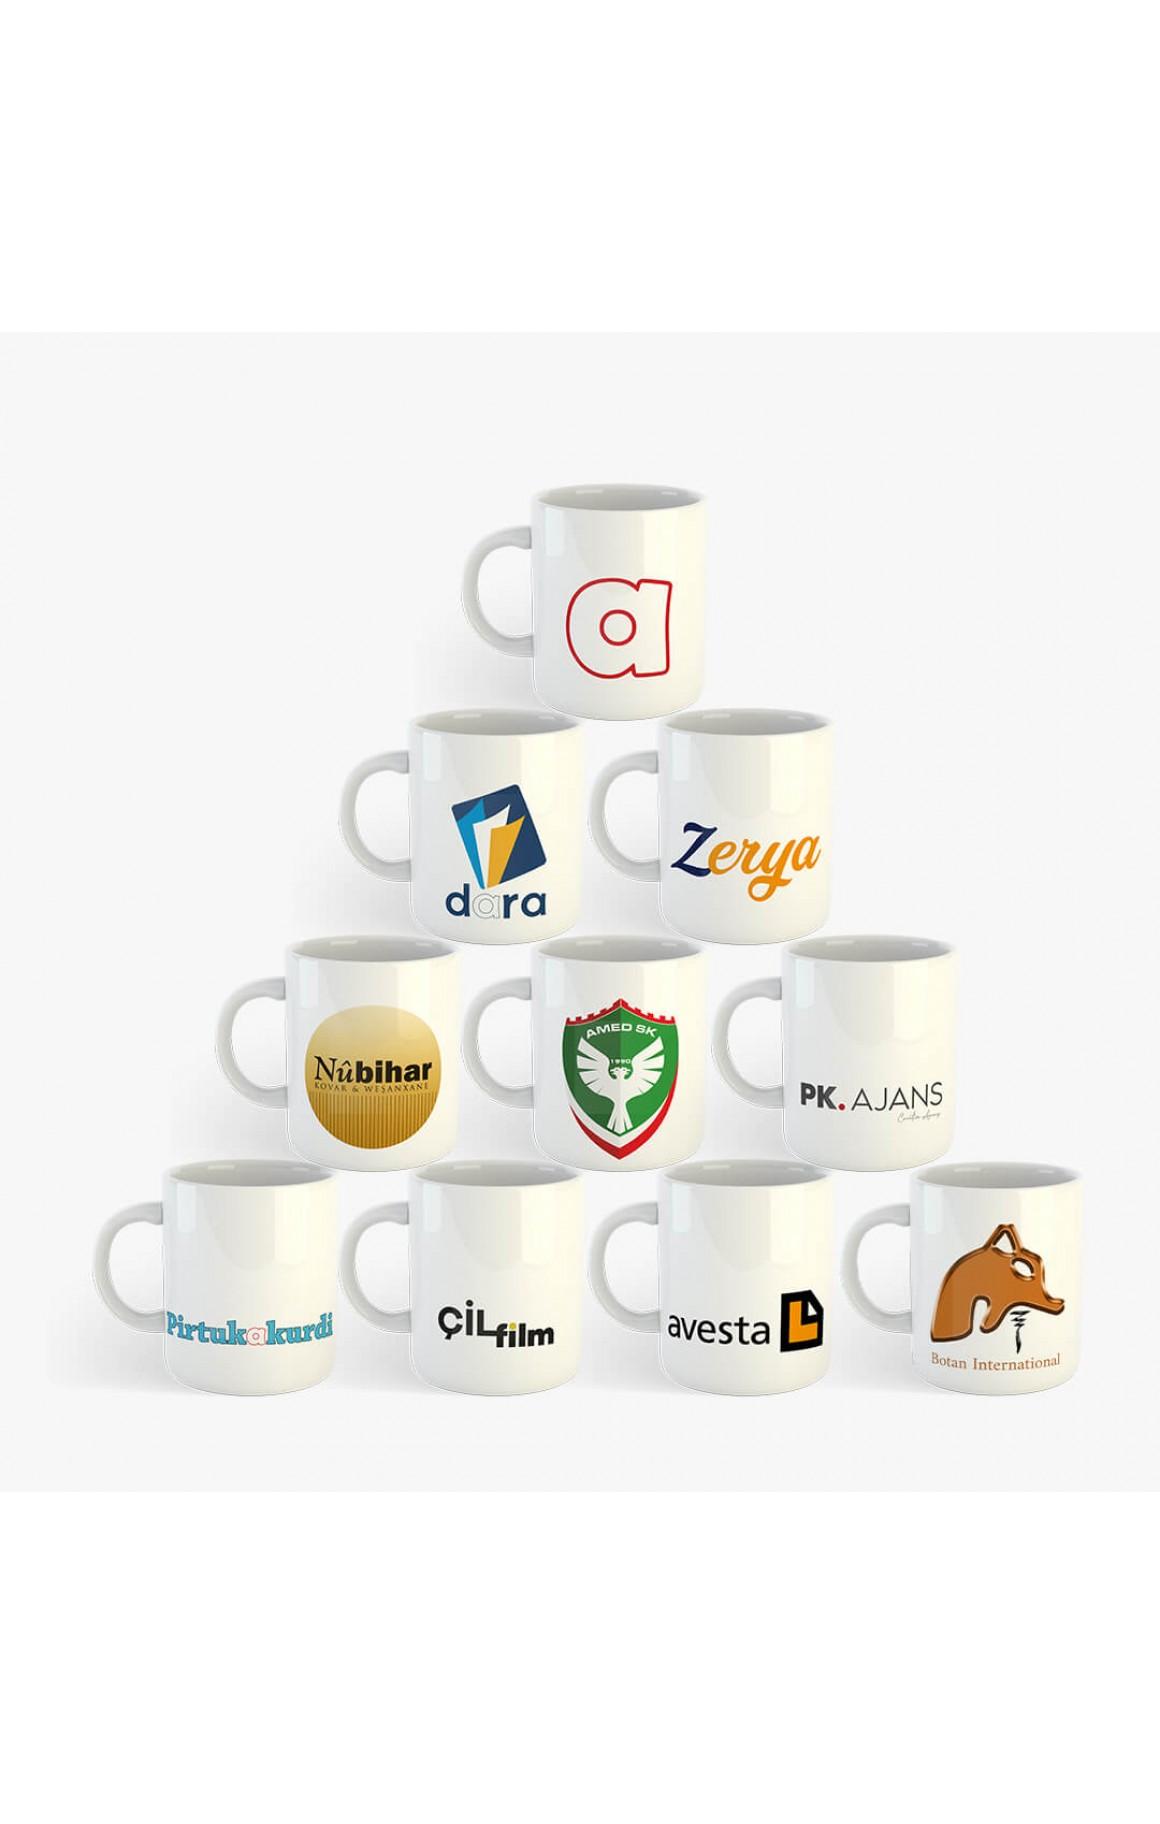 Firmalara Özel Toptan Baskılı Porselen Kupa Bardak (20 adet)